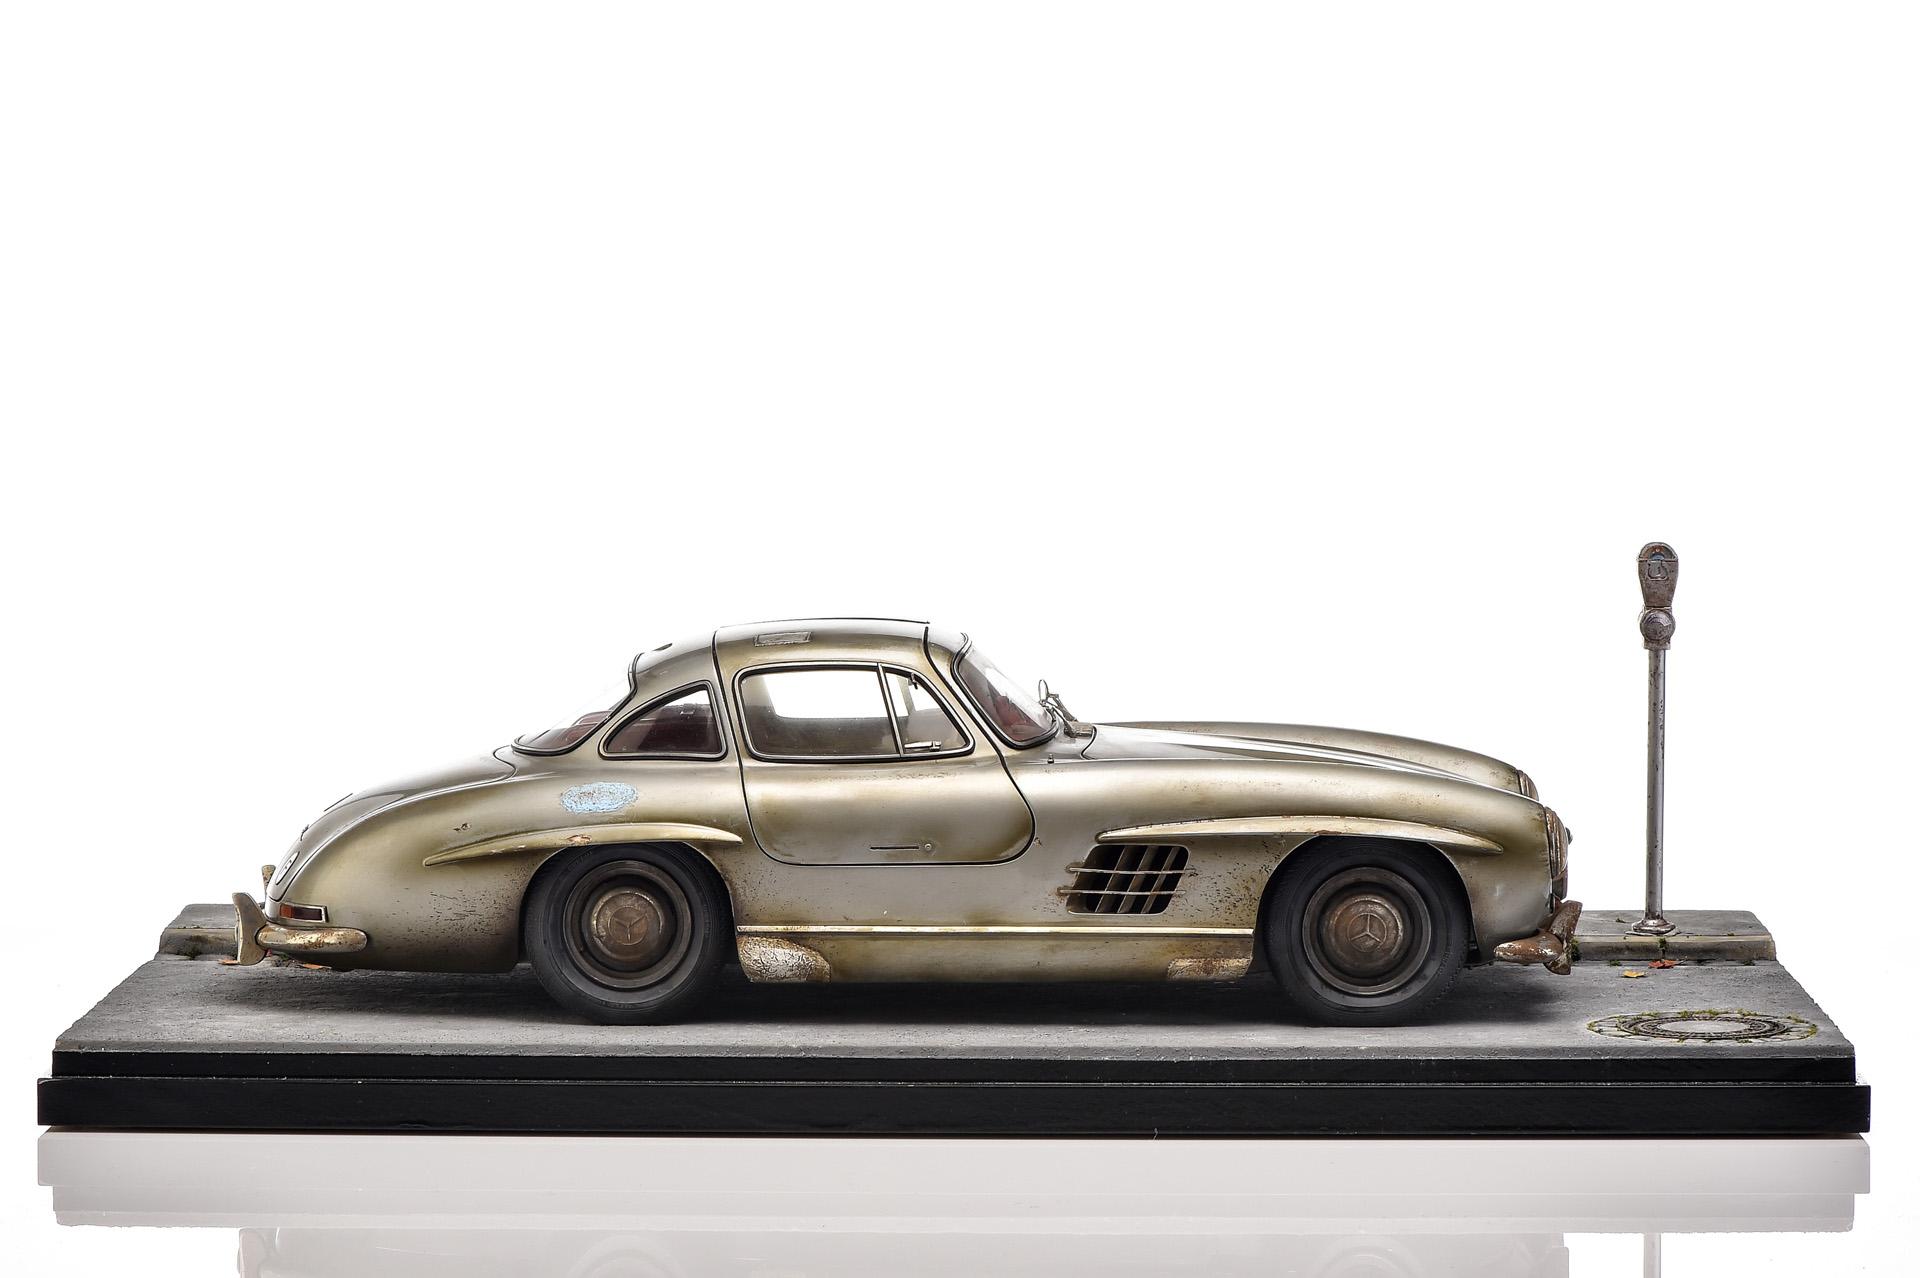 Mercedes-Benz 300 SL Coupé (W 198). Diorama mit Modellauto im Maßstab 1:8 auf Basis digitaler Fahrzeugdaten handgebaut und patiniert. Zu den aufwendigen Details gehört ein eigens gewebter Stoff für die Sitzbezüge. Im Angebot des Mercedes-Benz Classic Shops für 19.990 Euro – nicht im Versand.